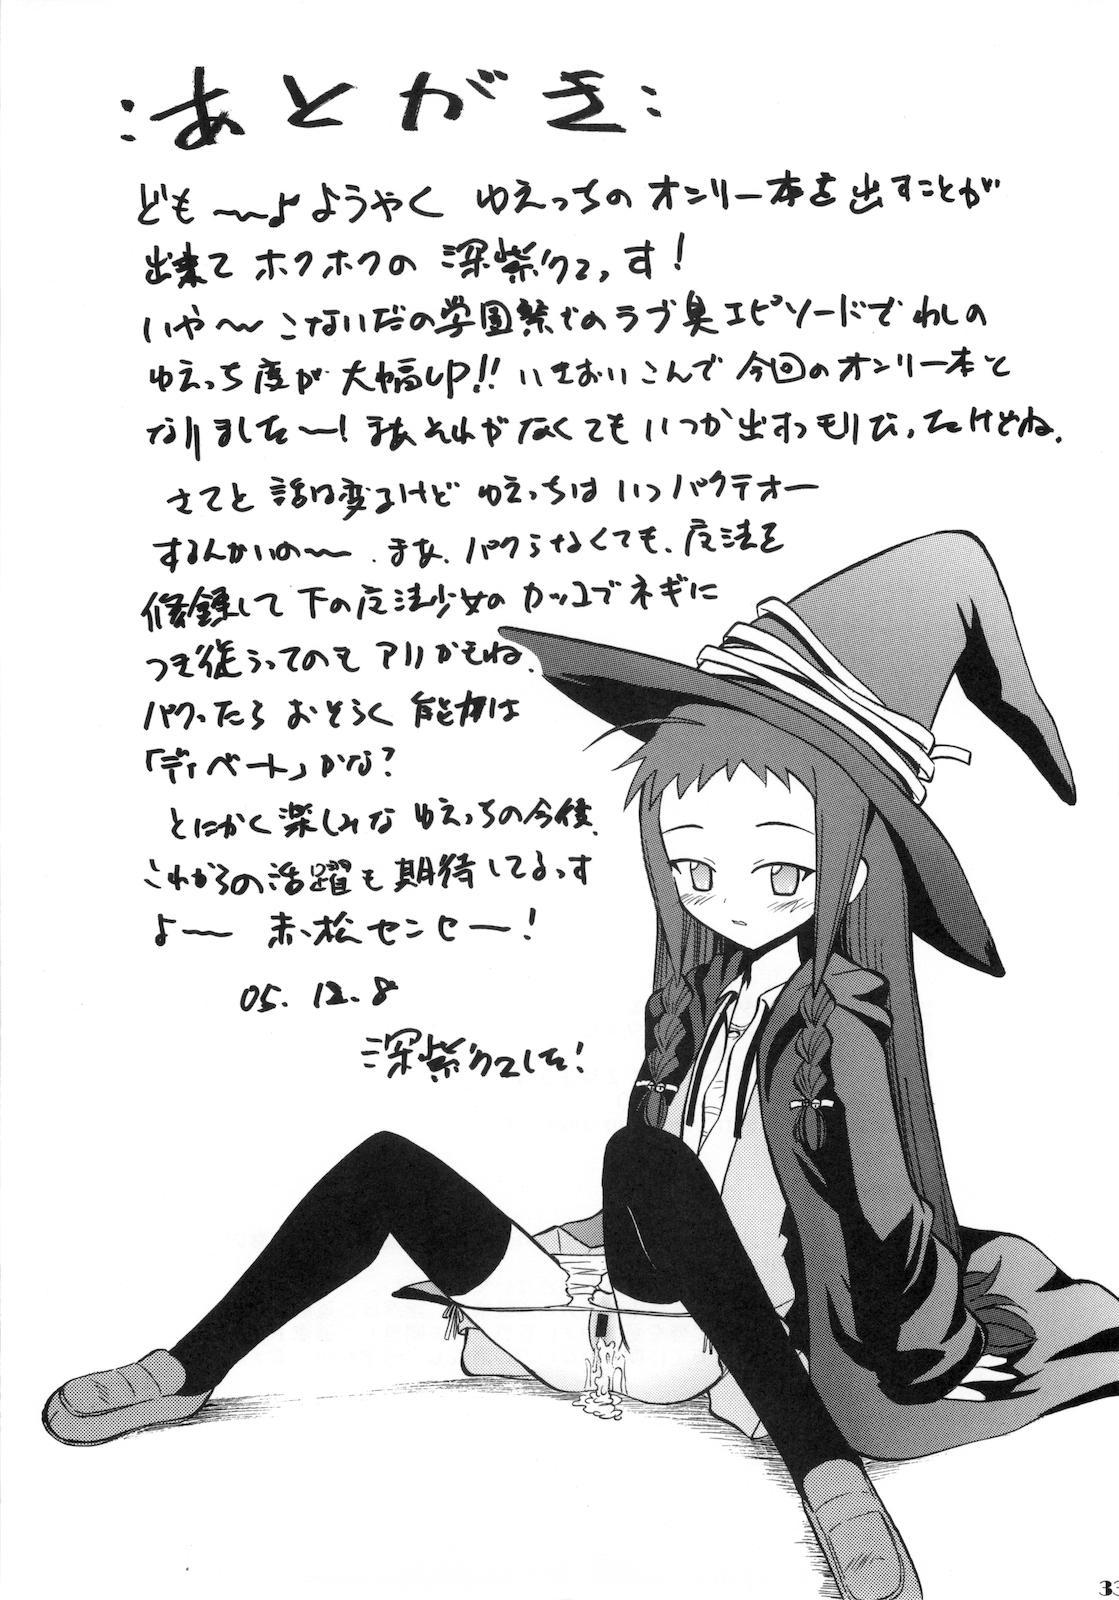 Yue no Koisuru Heart 32